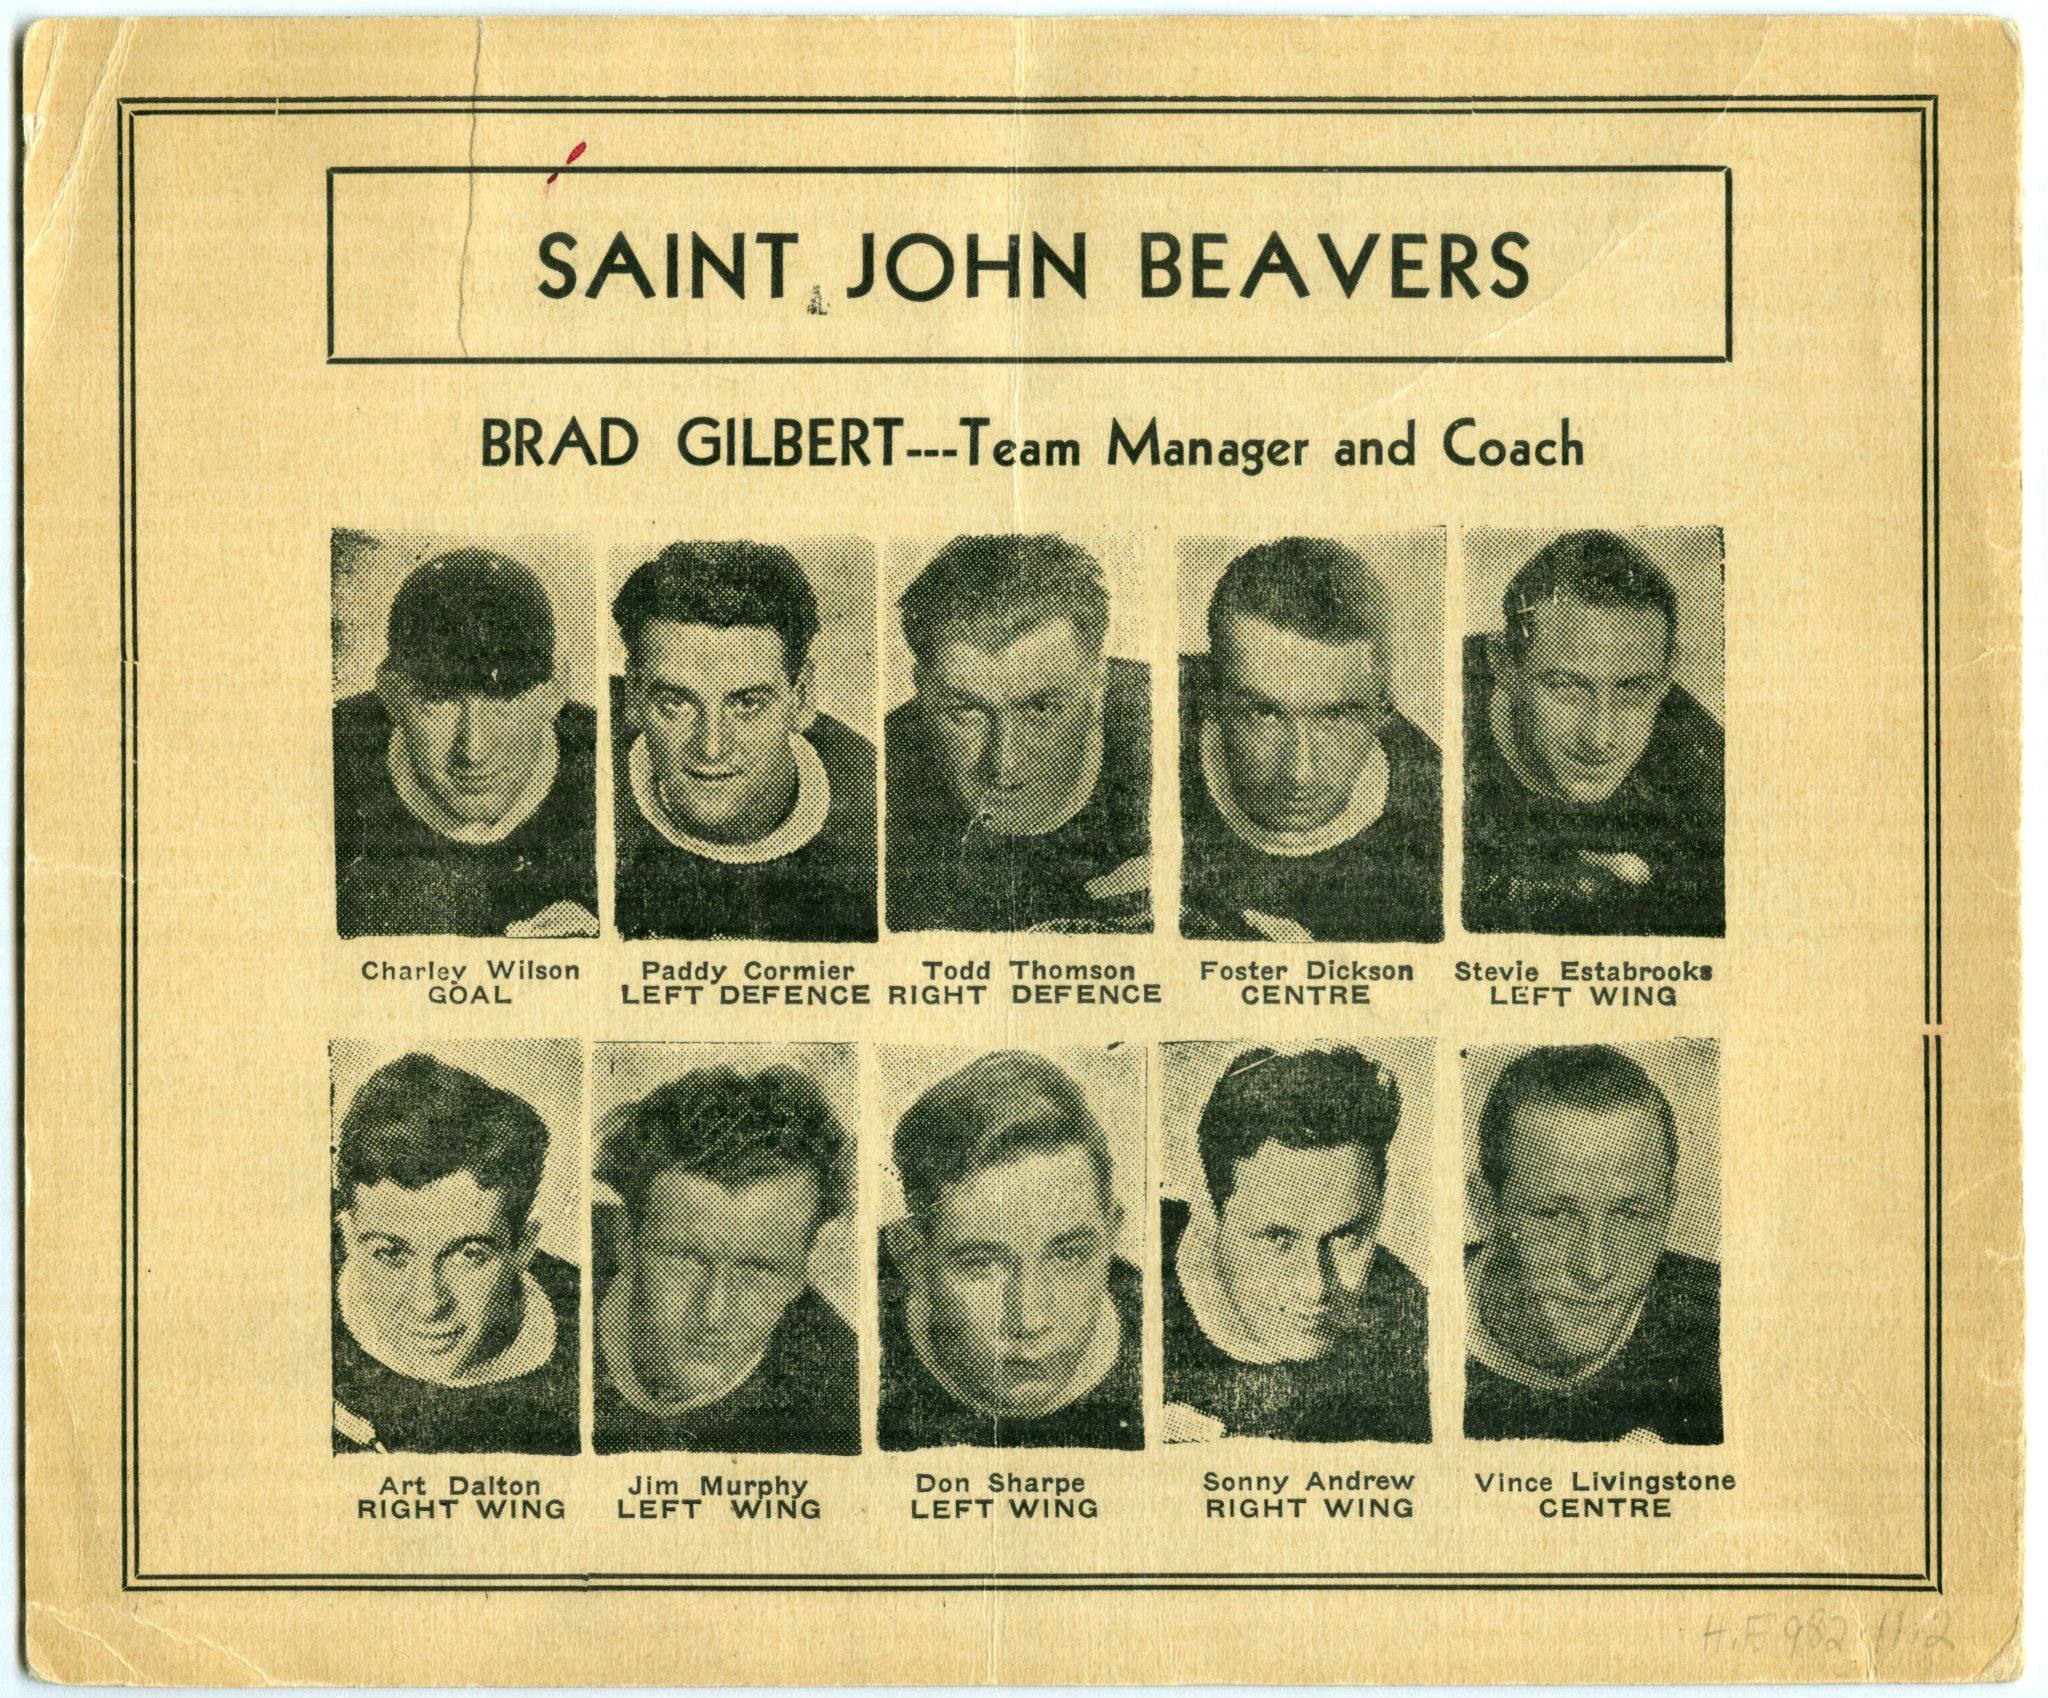 1932-33 SNBSHL season